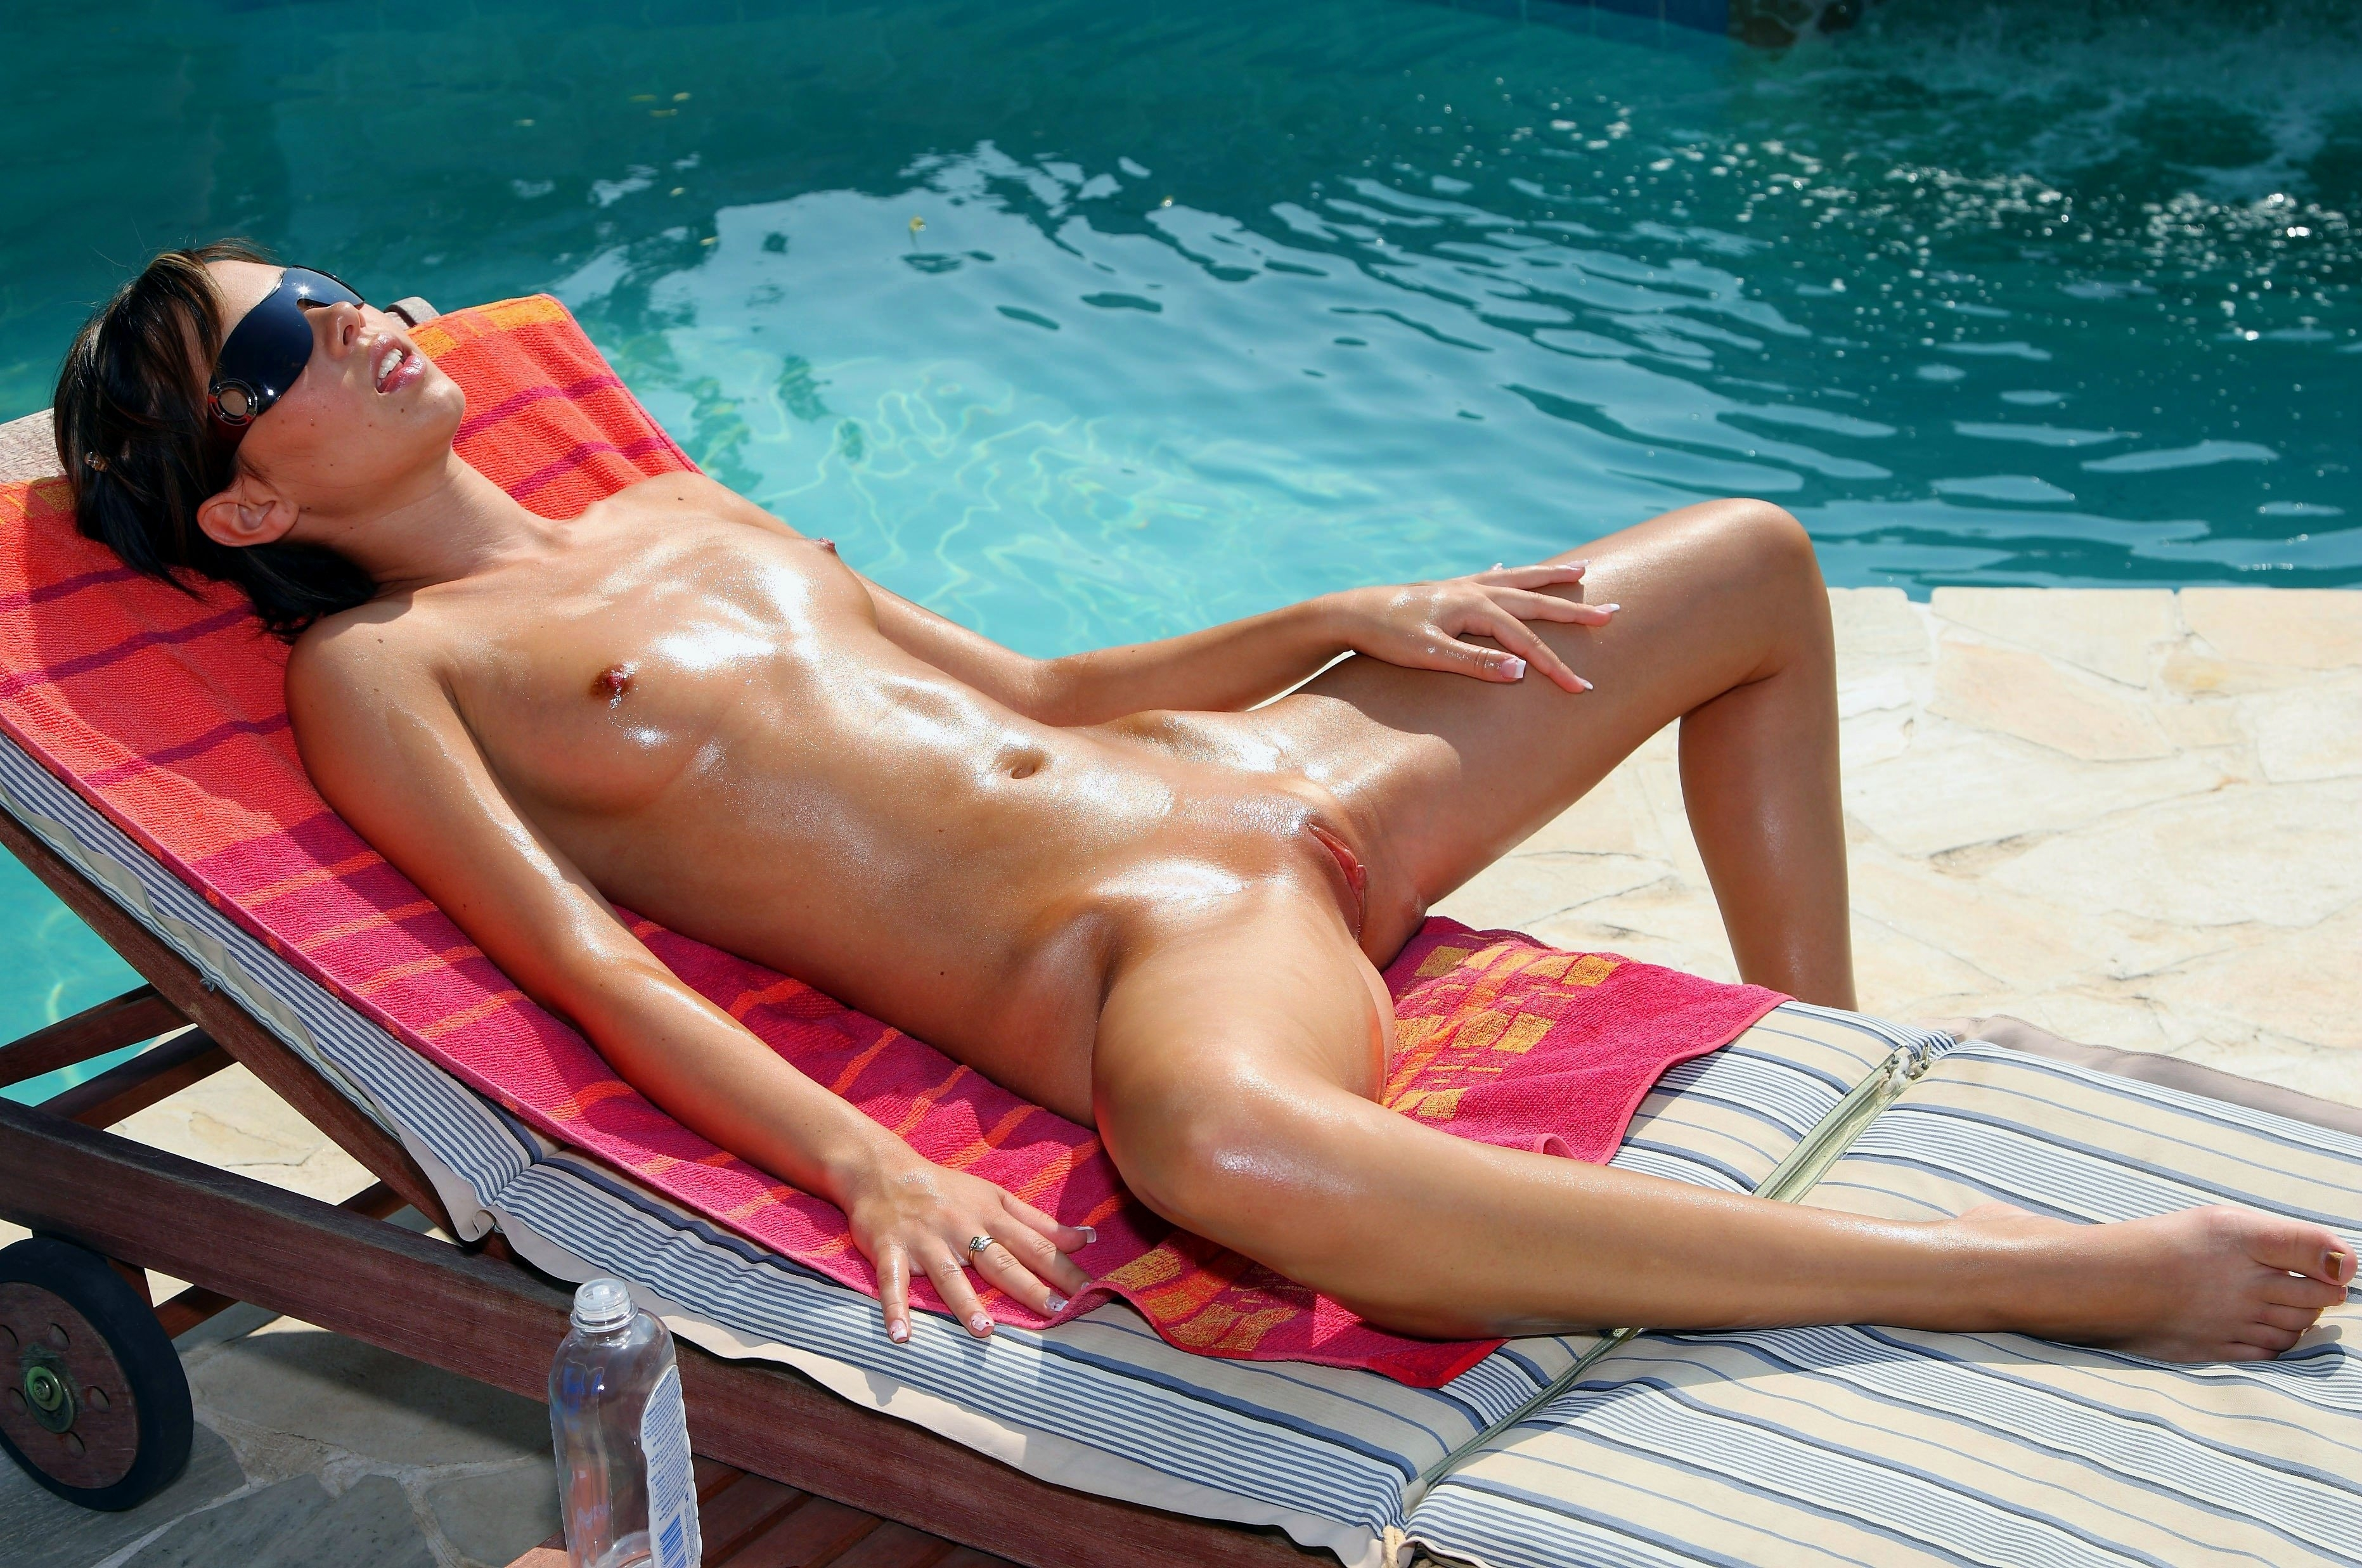 Sunbathing Porn Pics, Solarium Sex Images, Sun Bathing Porno